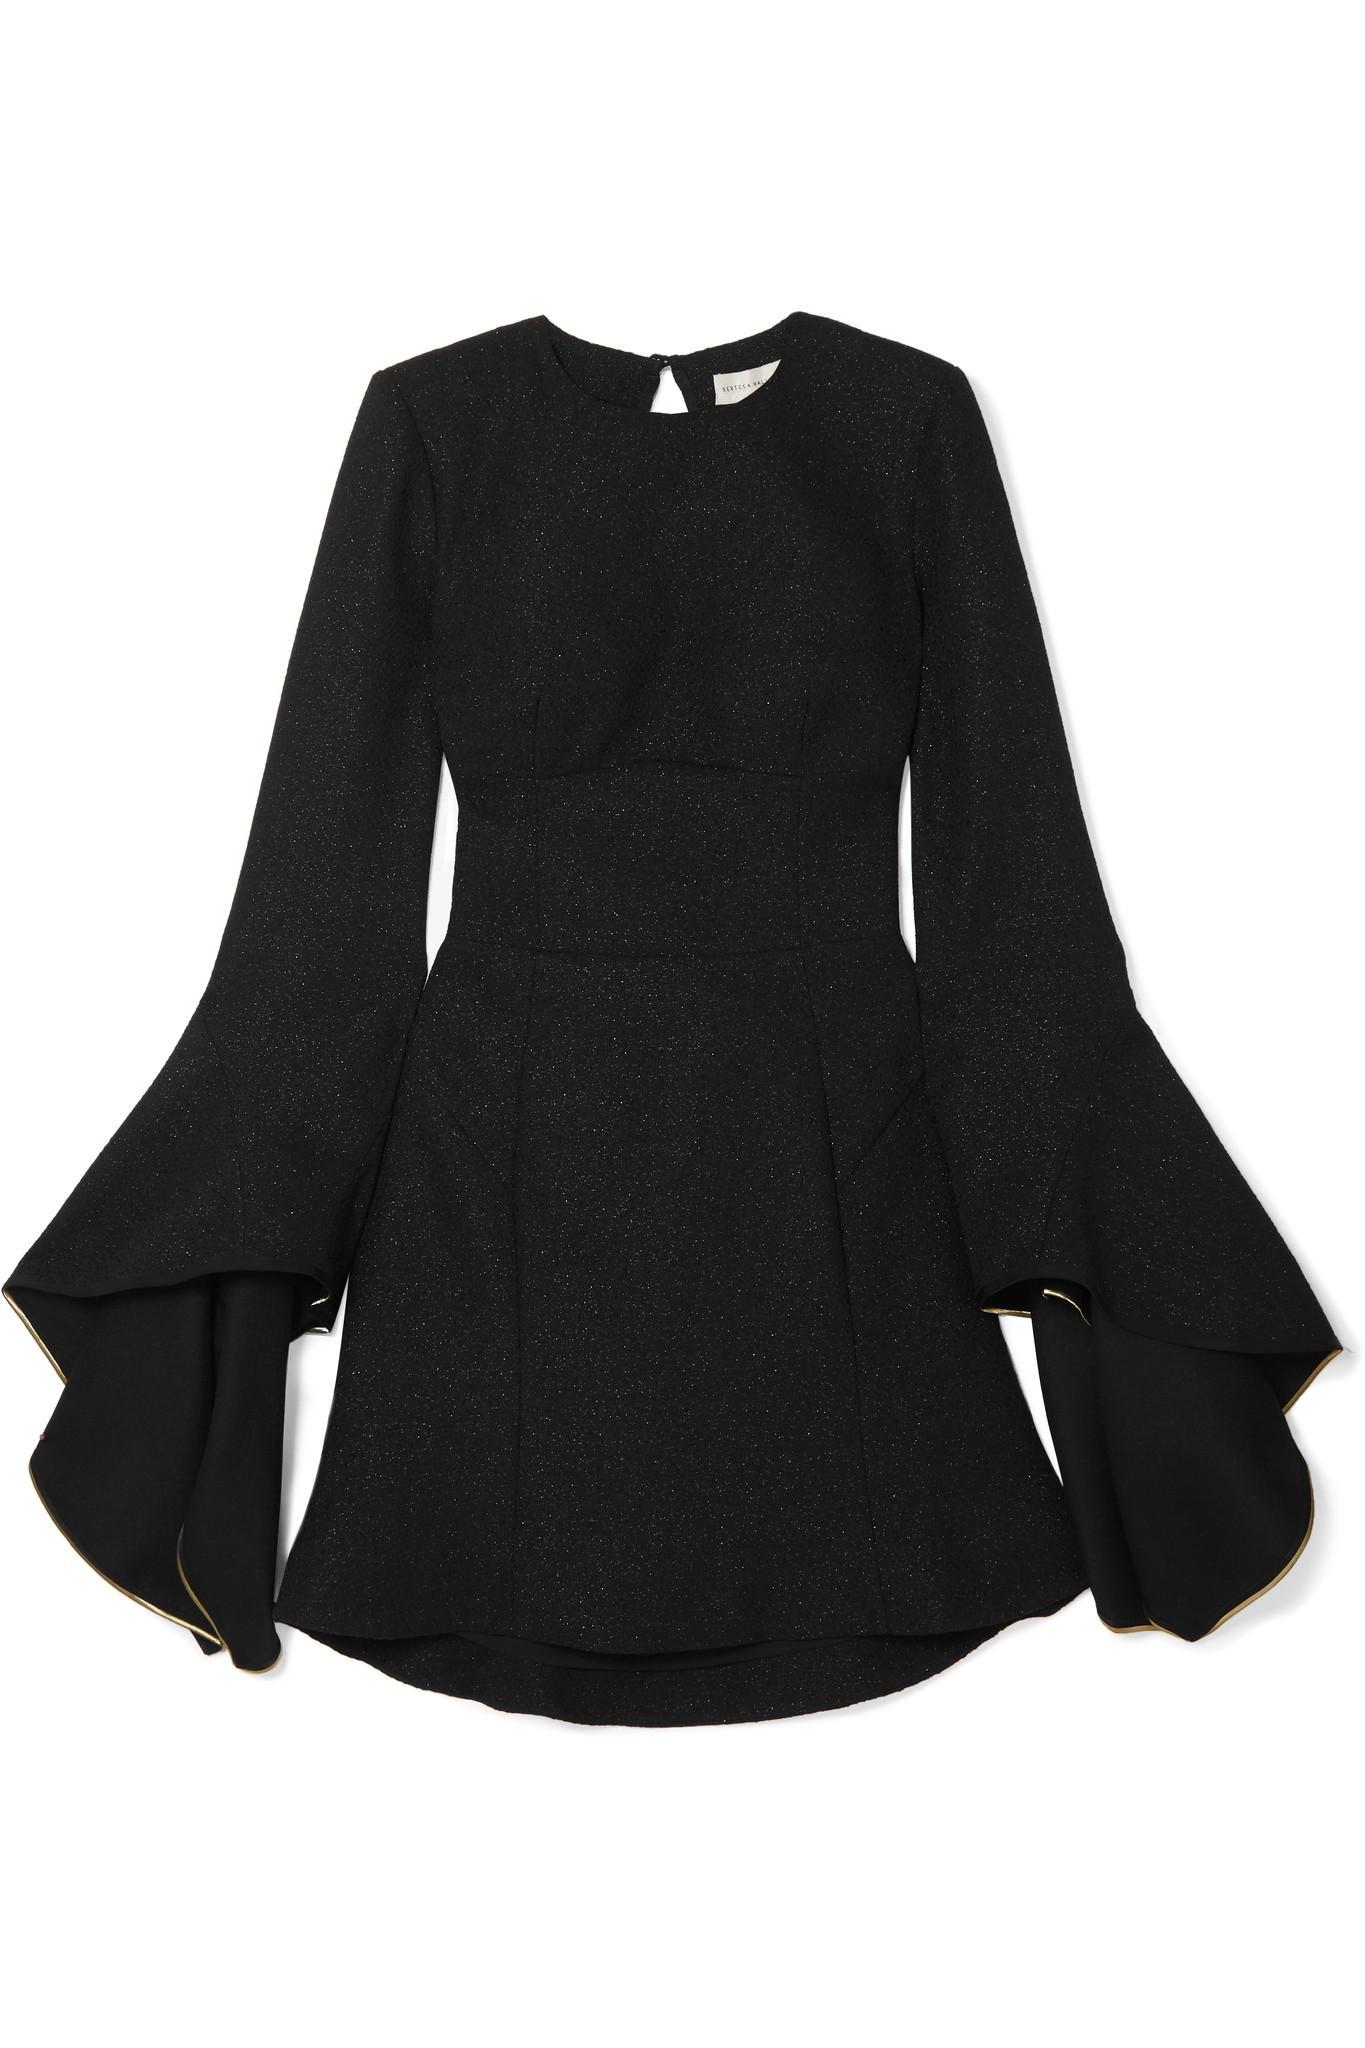 Belize Dos Ouvert Scintillait Tweed Mini Robe - Noir Rebecca Vallance De La France La Vente En Ligne utU4WfFCI